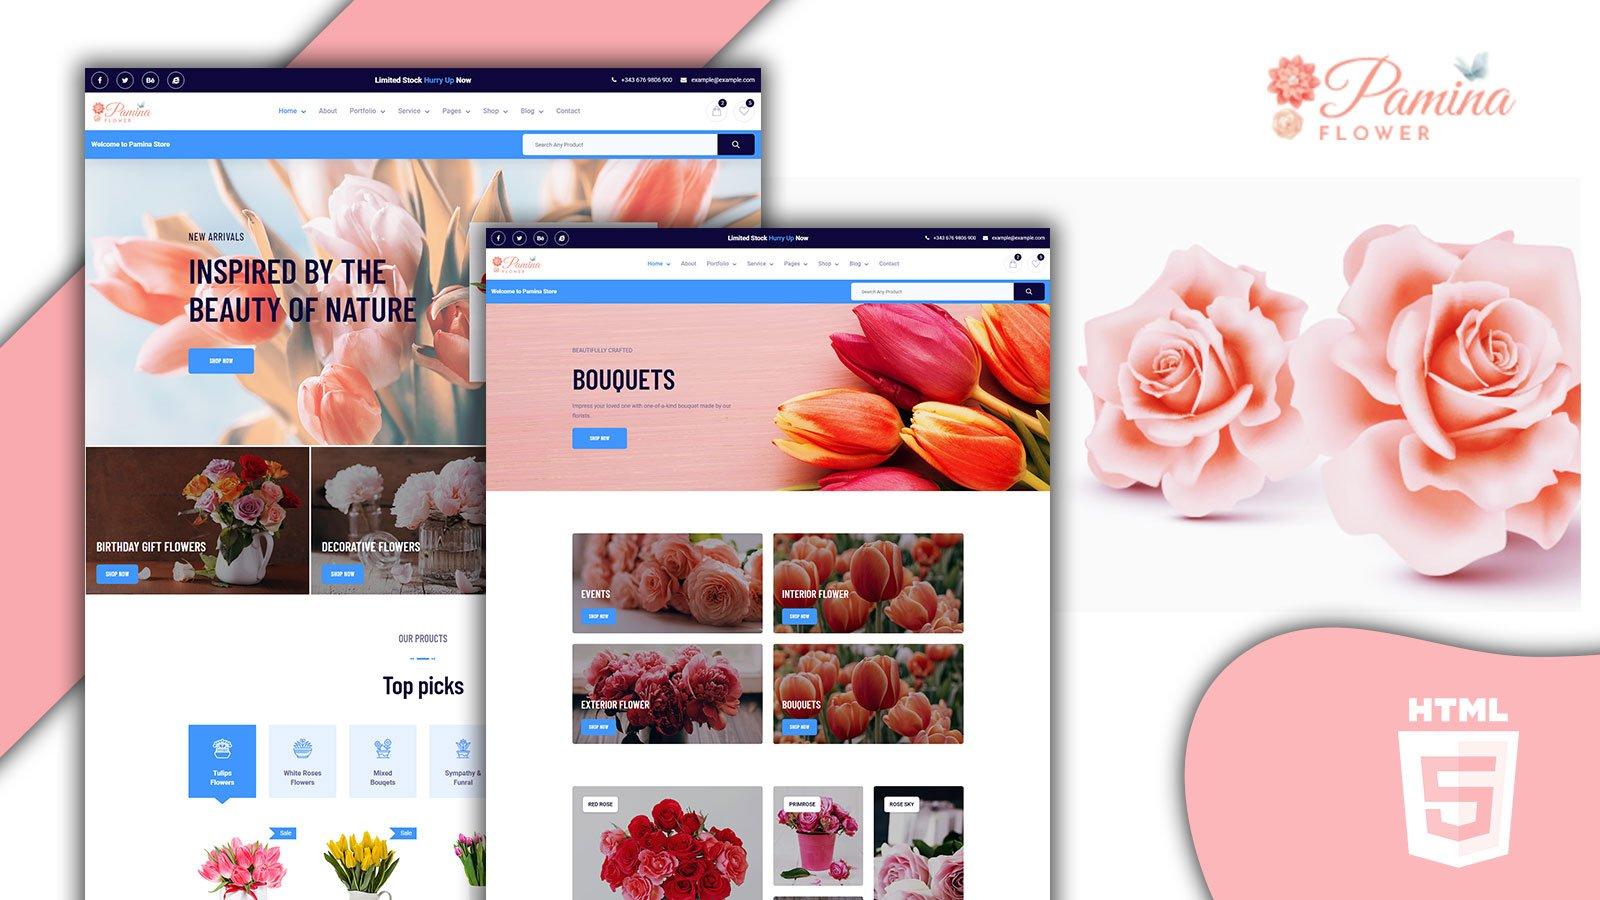 Pamina Swift Florist and Flower Shop HTML5 Website template